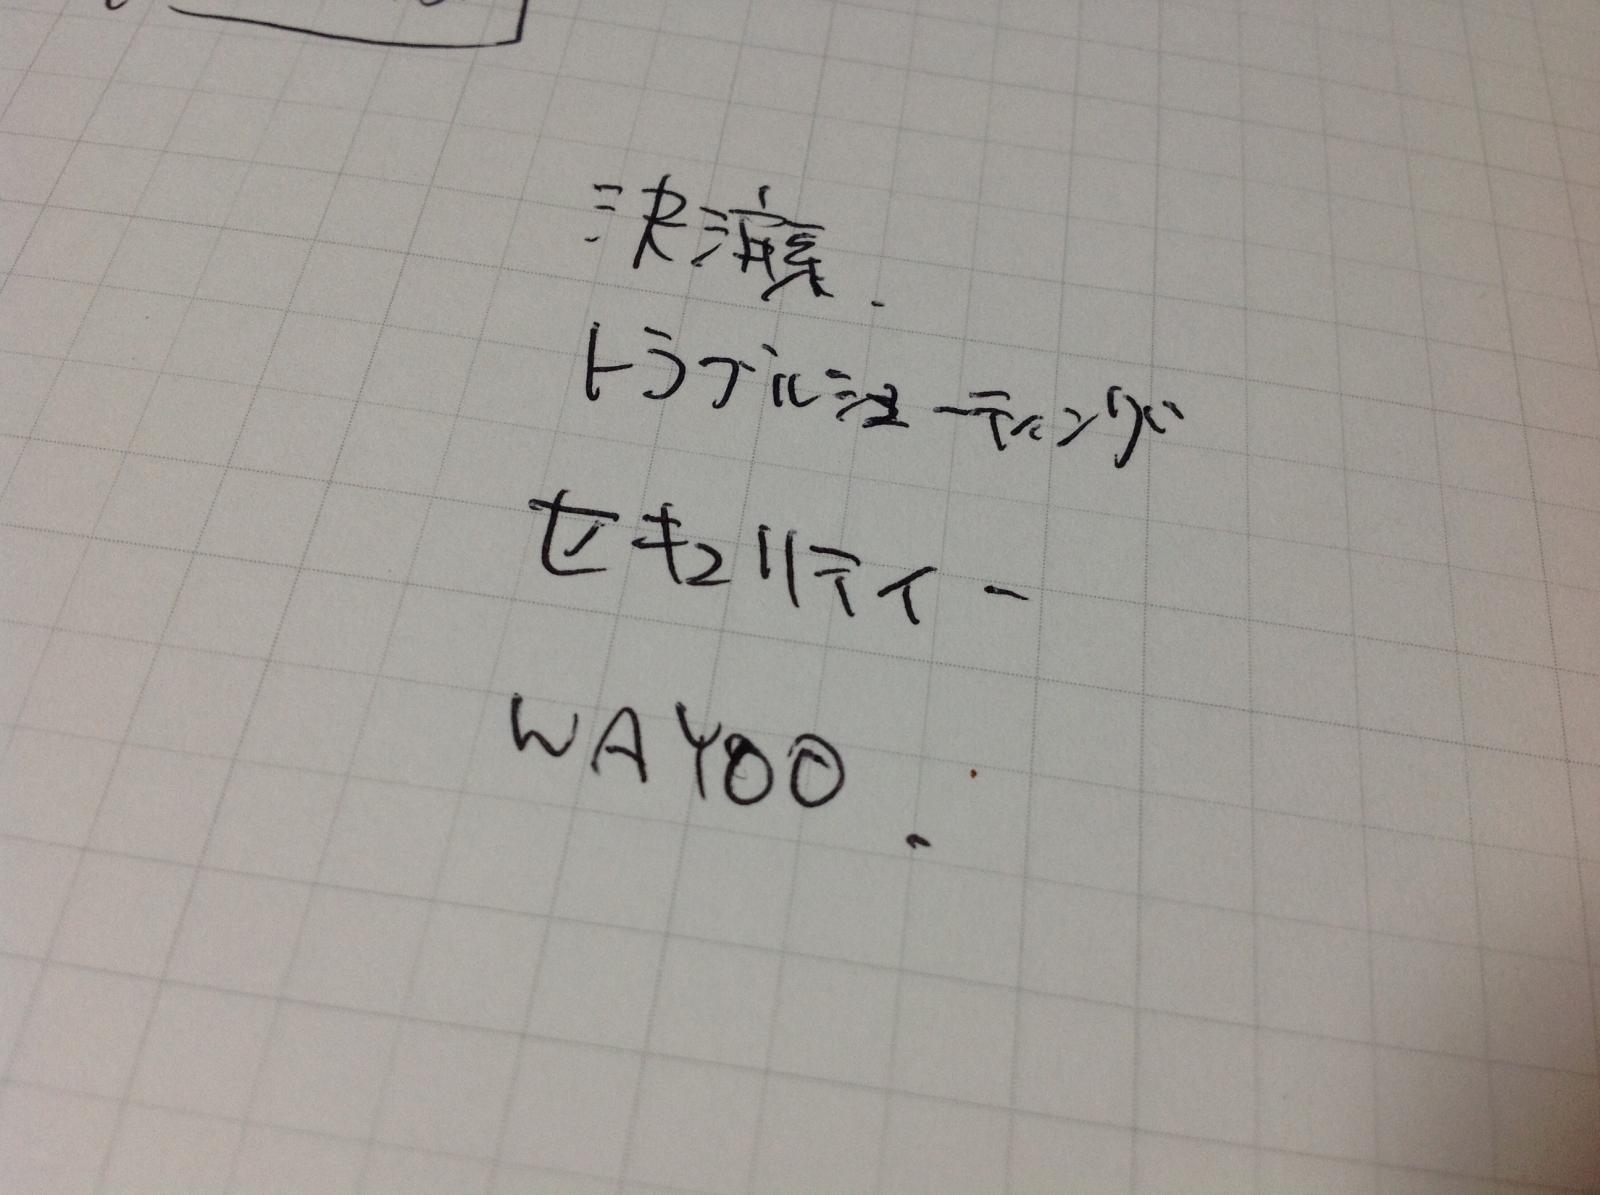 【第2回】ブラック・オア・ホワイト